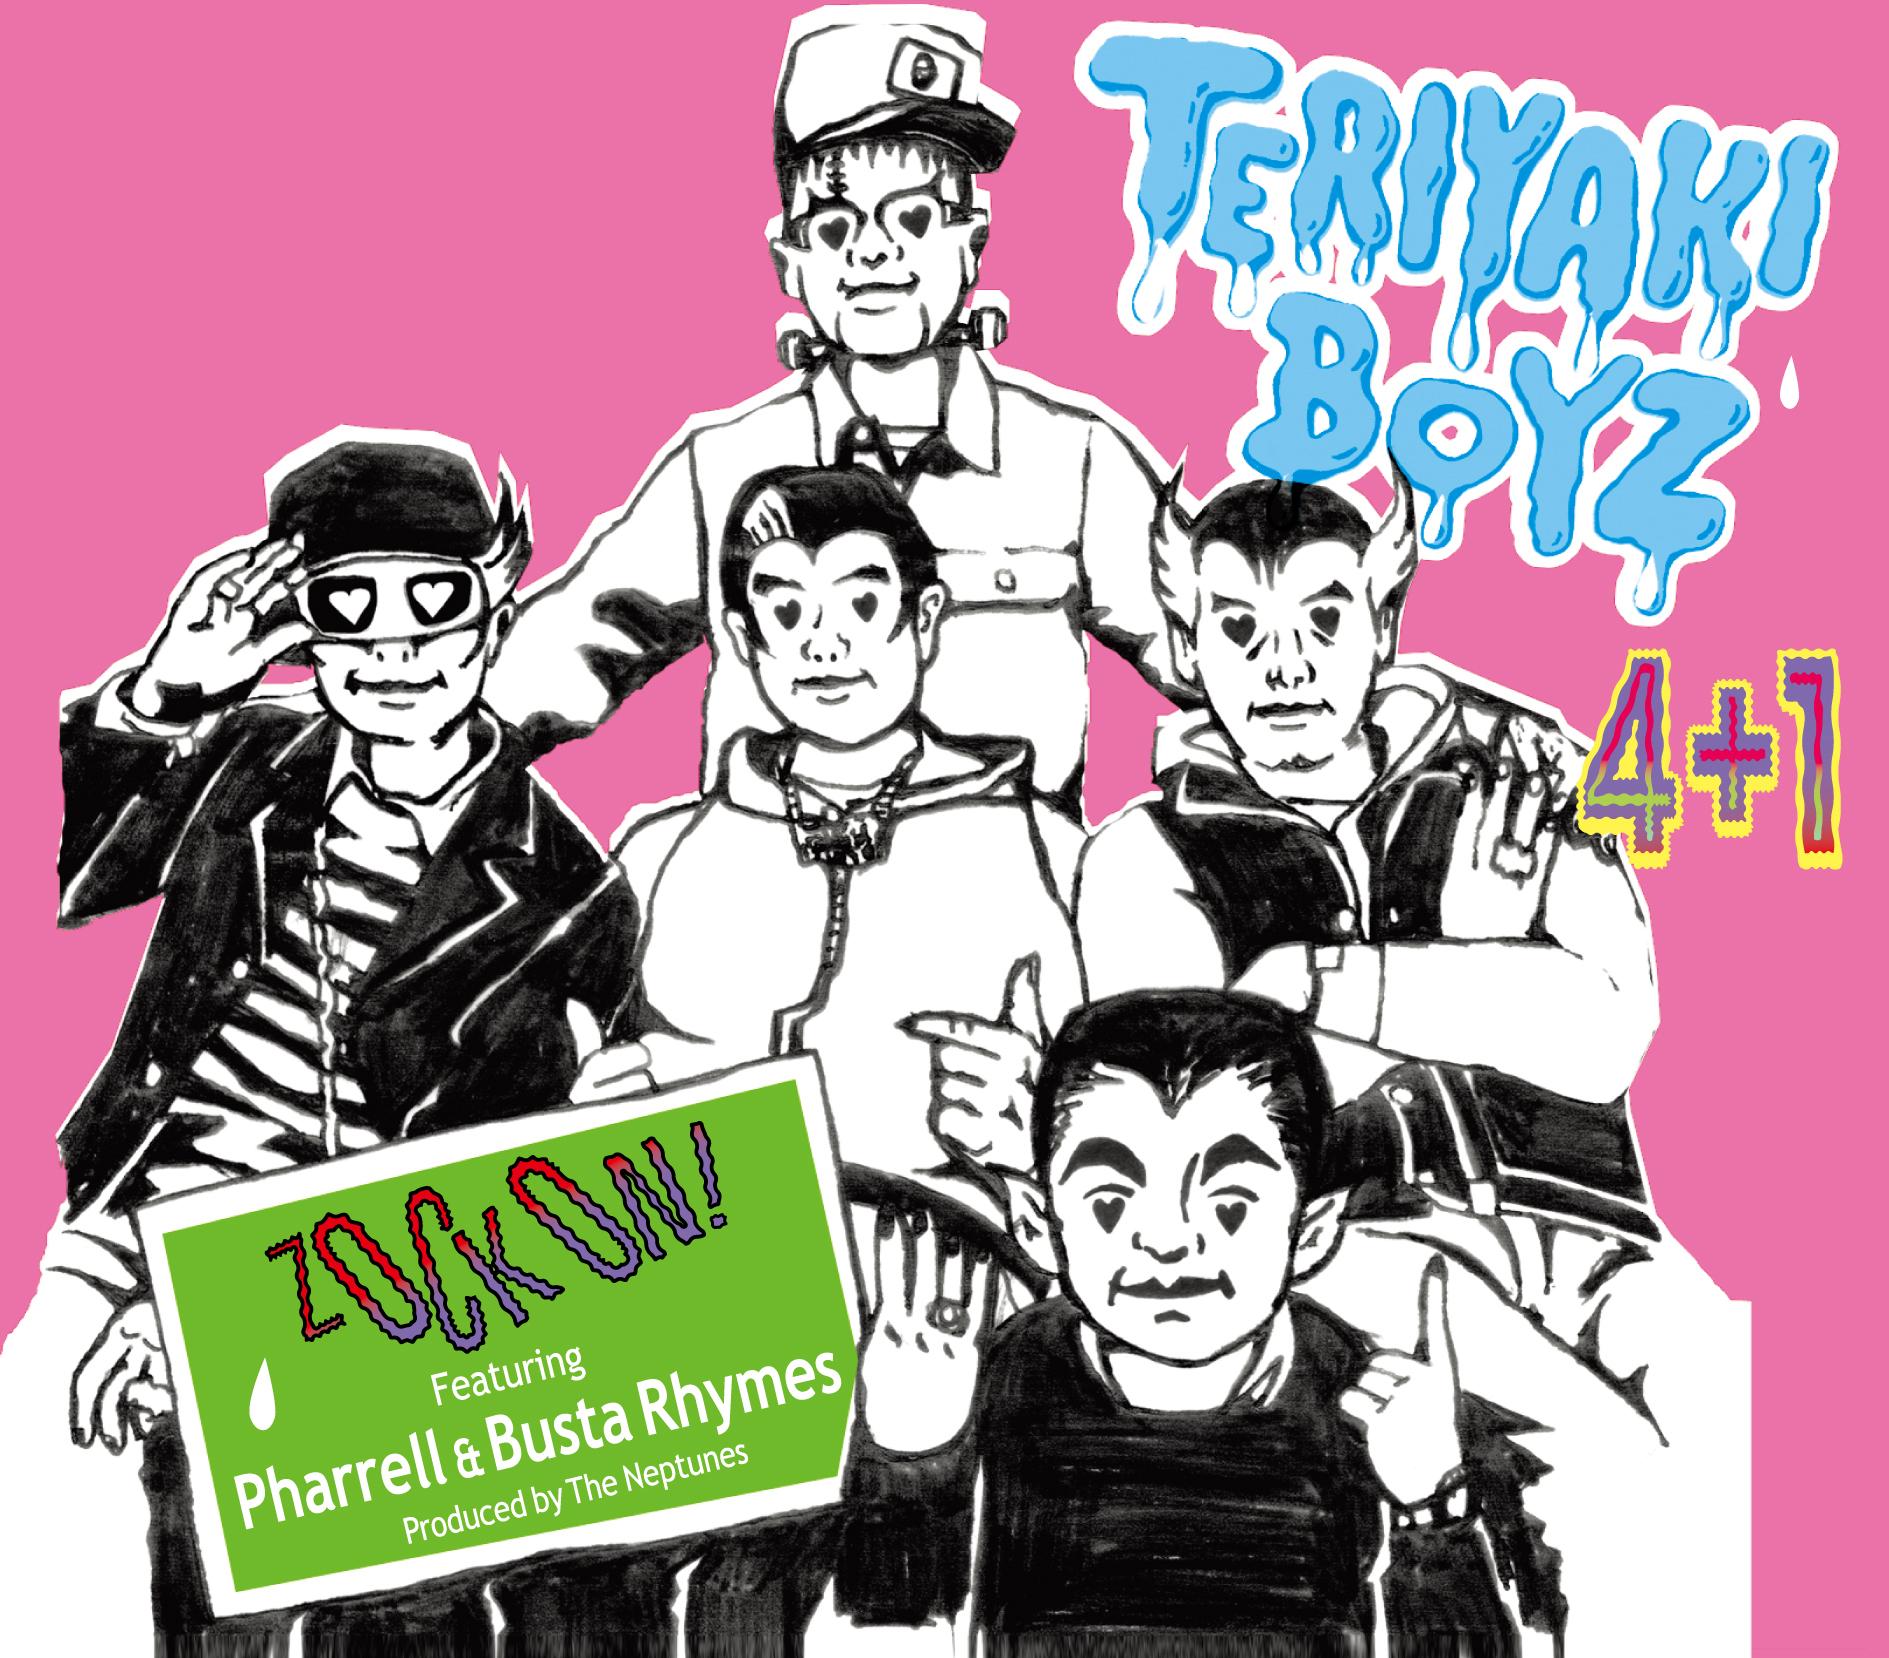 Teriyaki Boyz.jpg